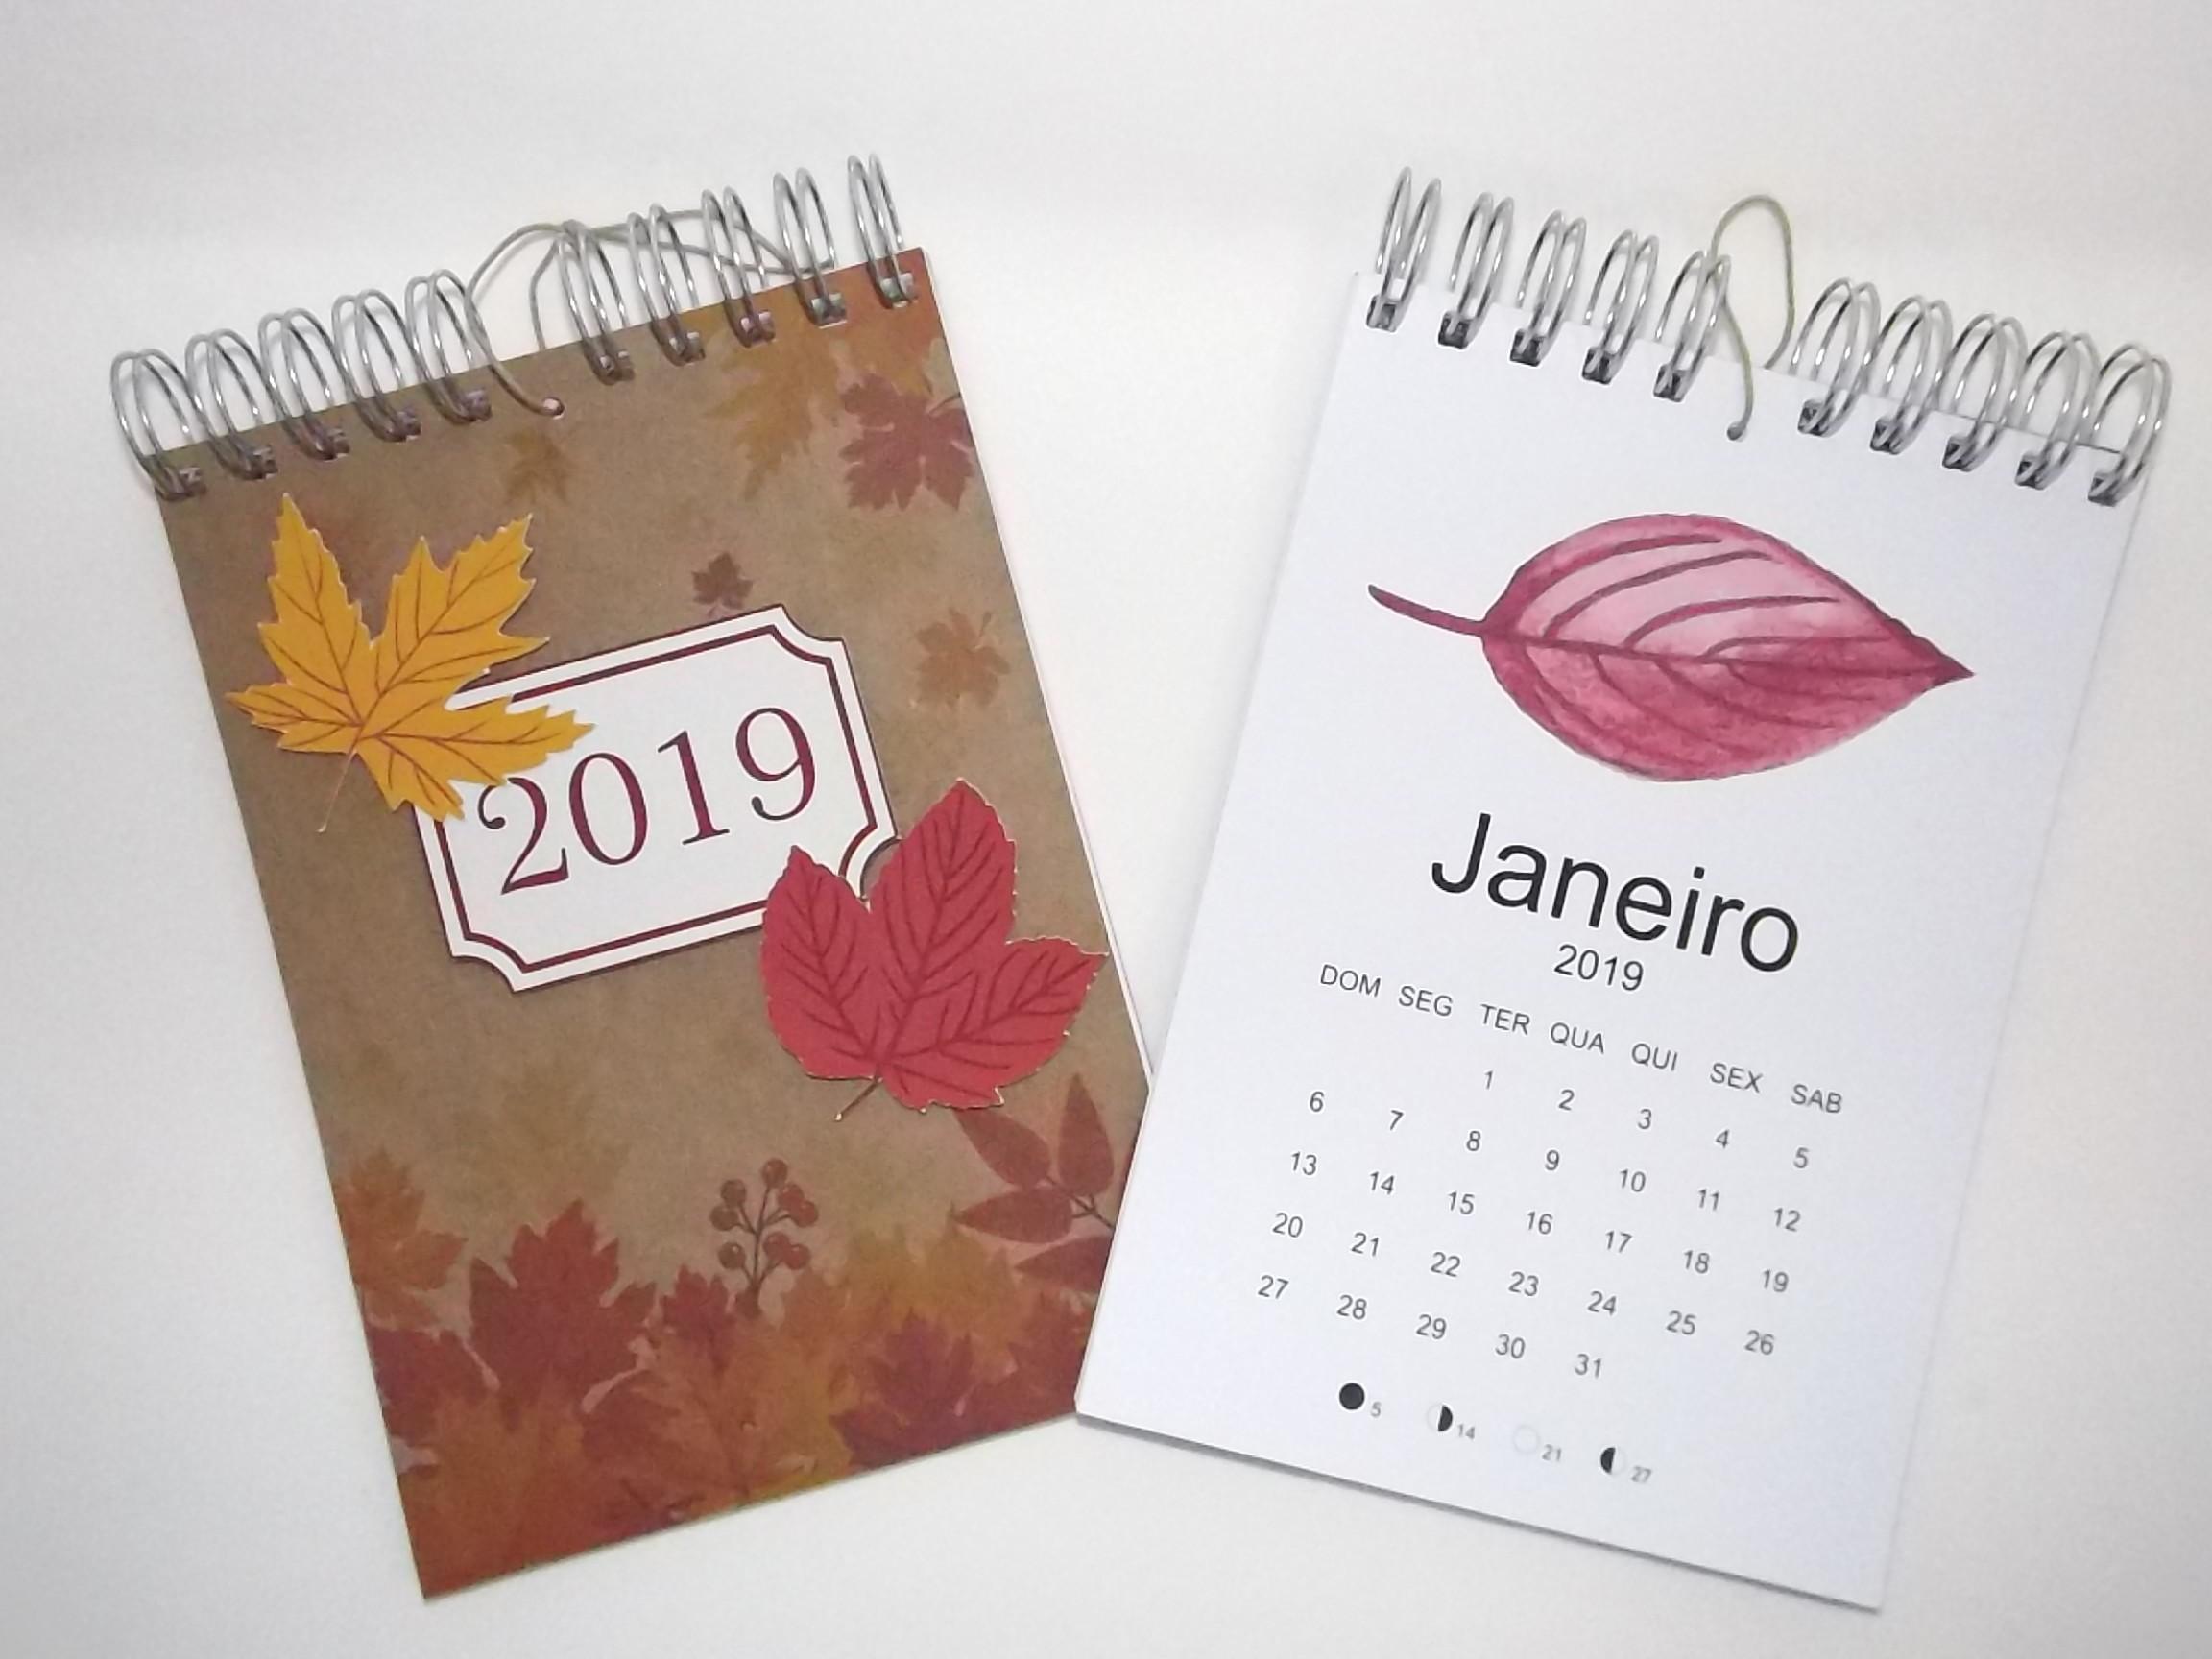 Calendario Feriado Semana Santa 2019 Actual Calendário 2019 Of Calendario Feriado Semana Santa 2019 Más Arriba-a-fecha Calendários E Folhinhas De Parede